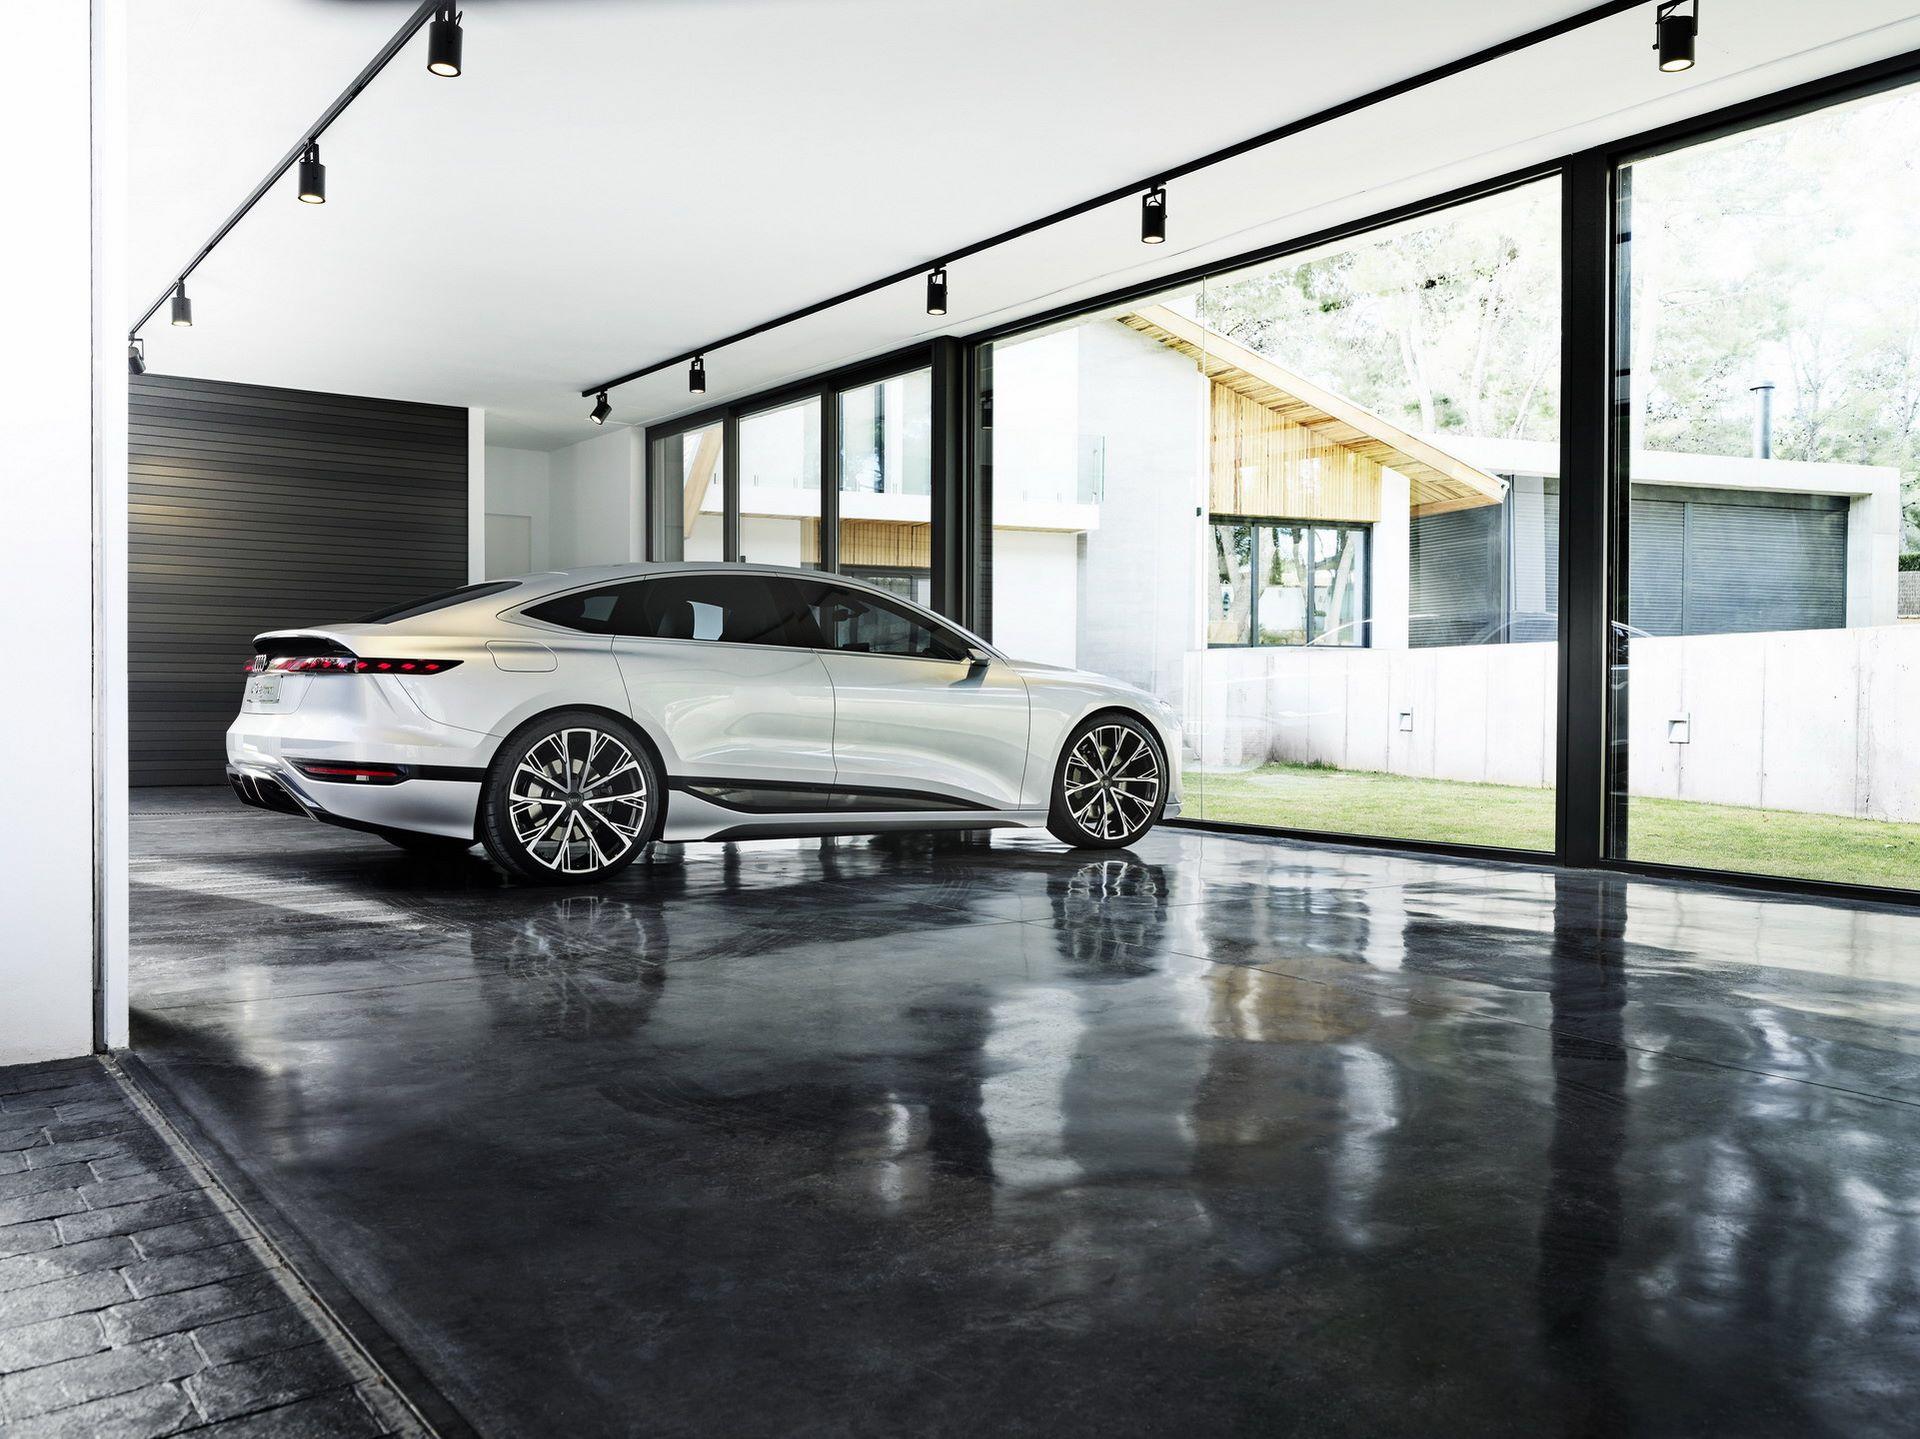 Audi-A6-e-tron-concept-27